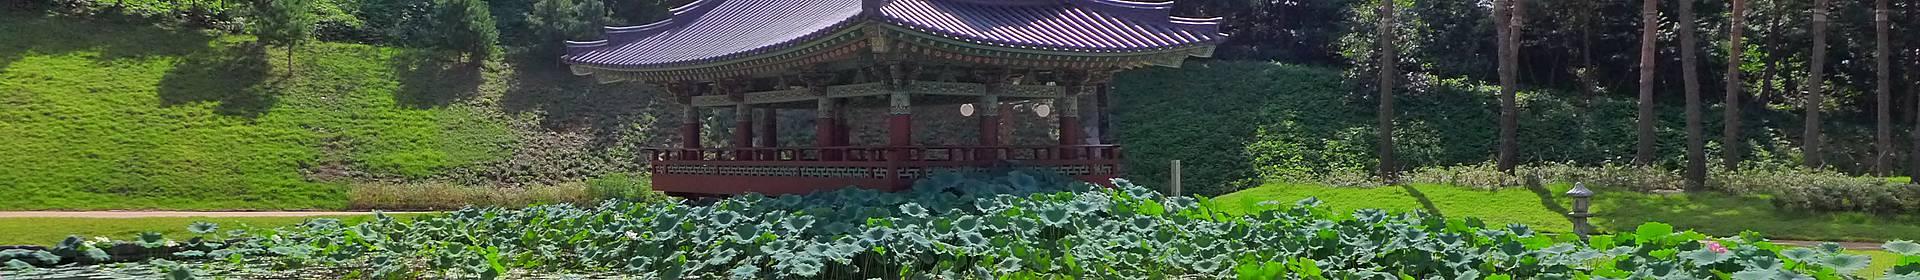 Buyeo